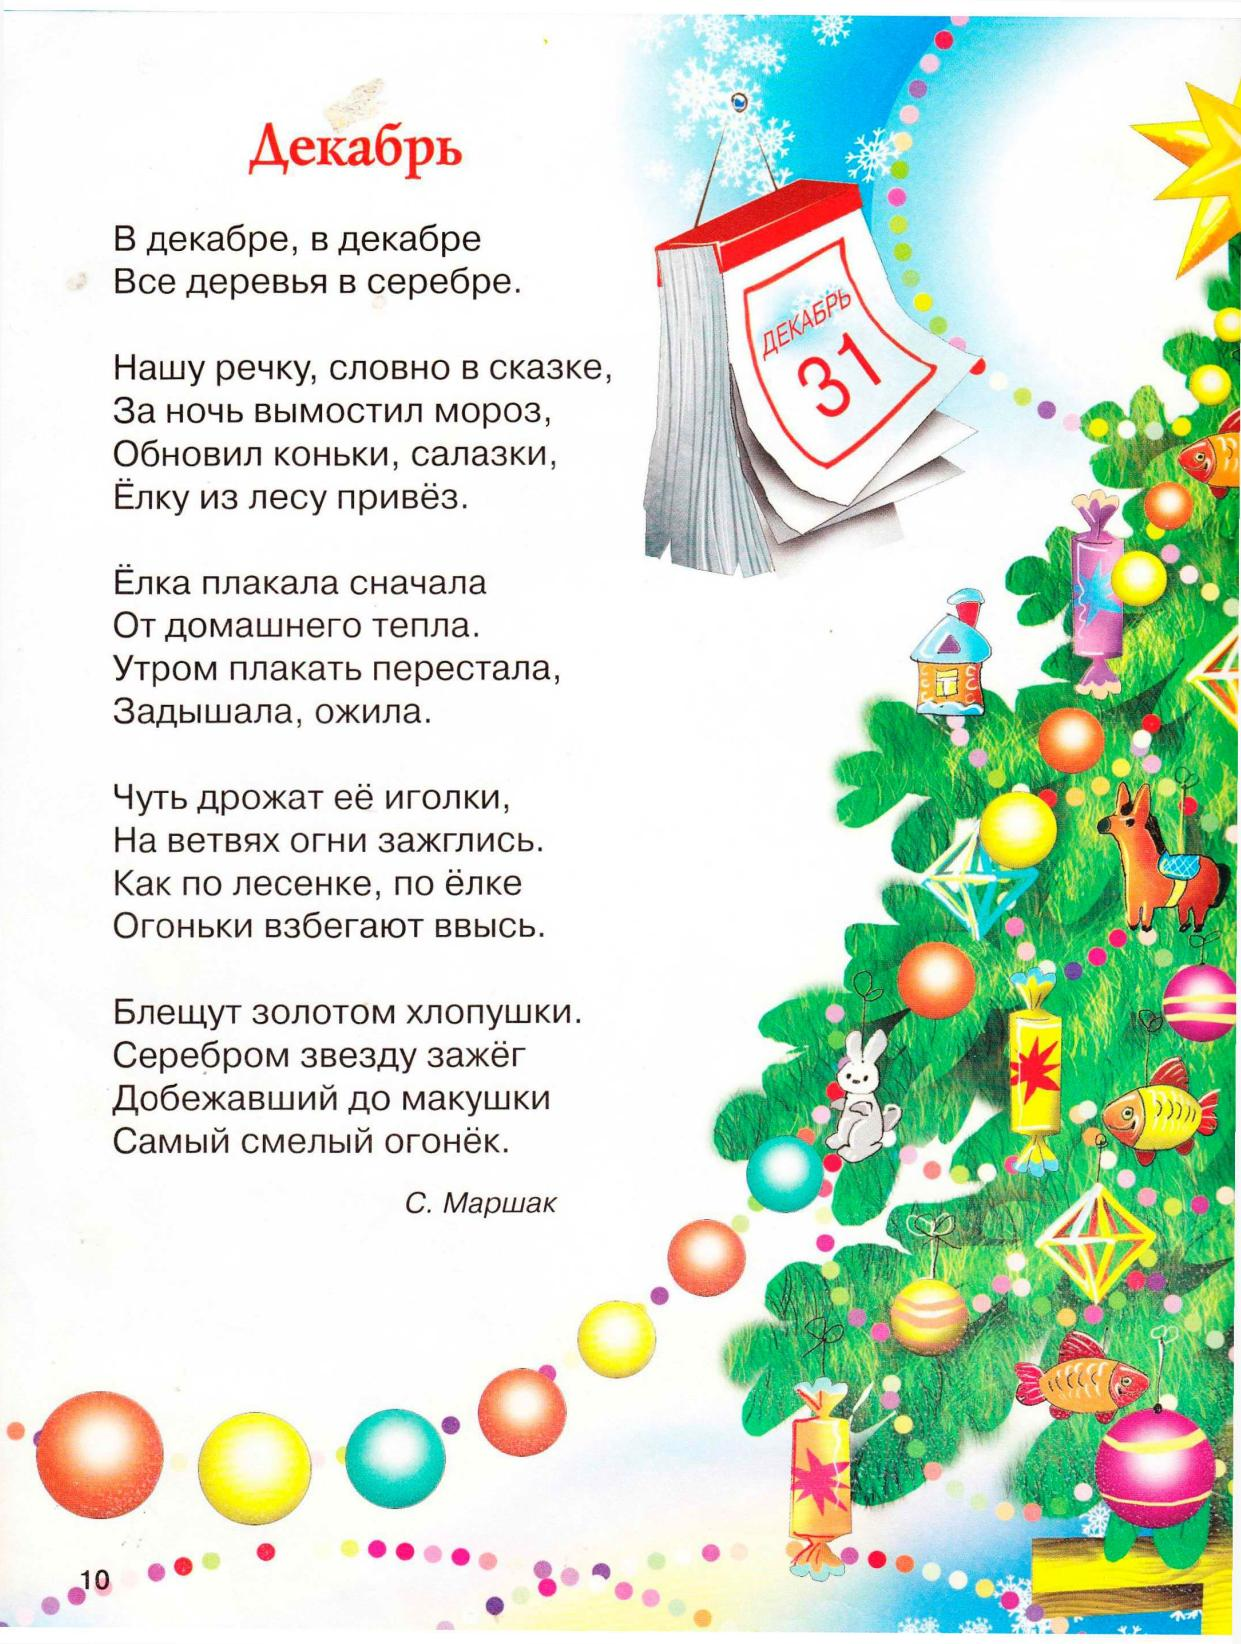 В декабре все декабре стих